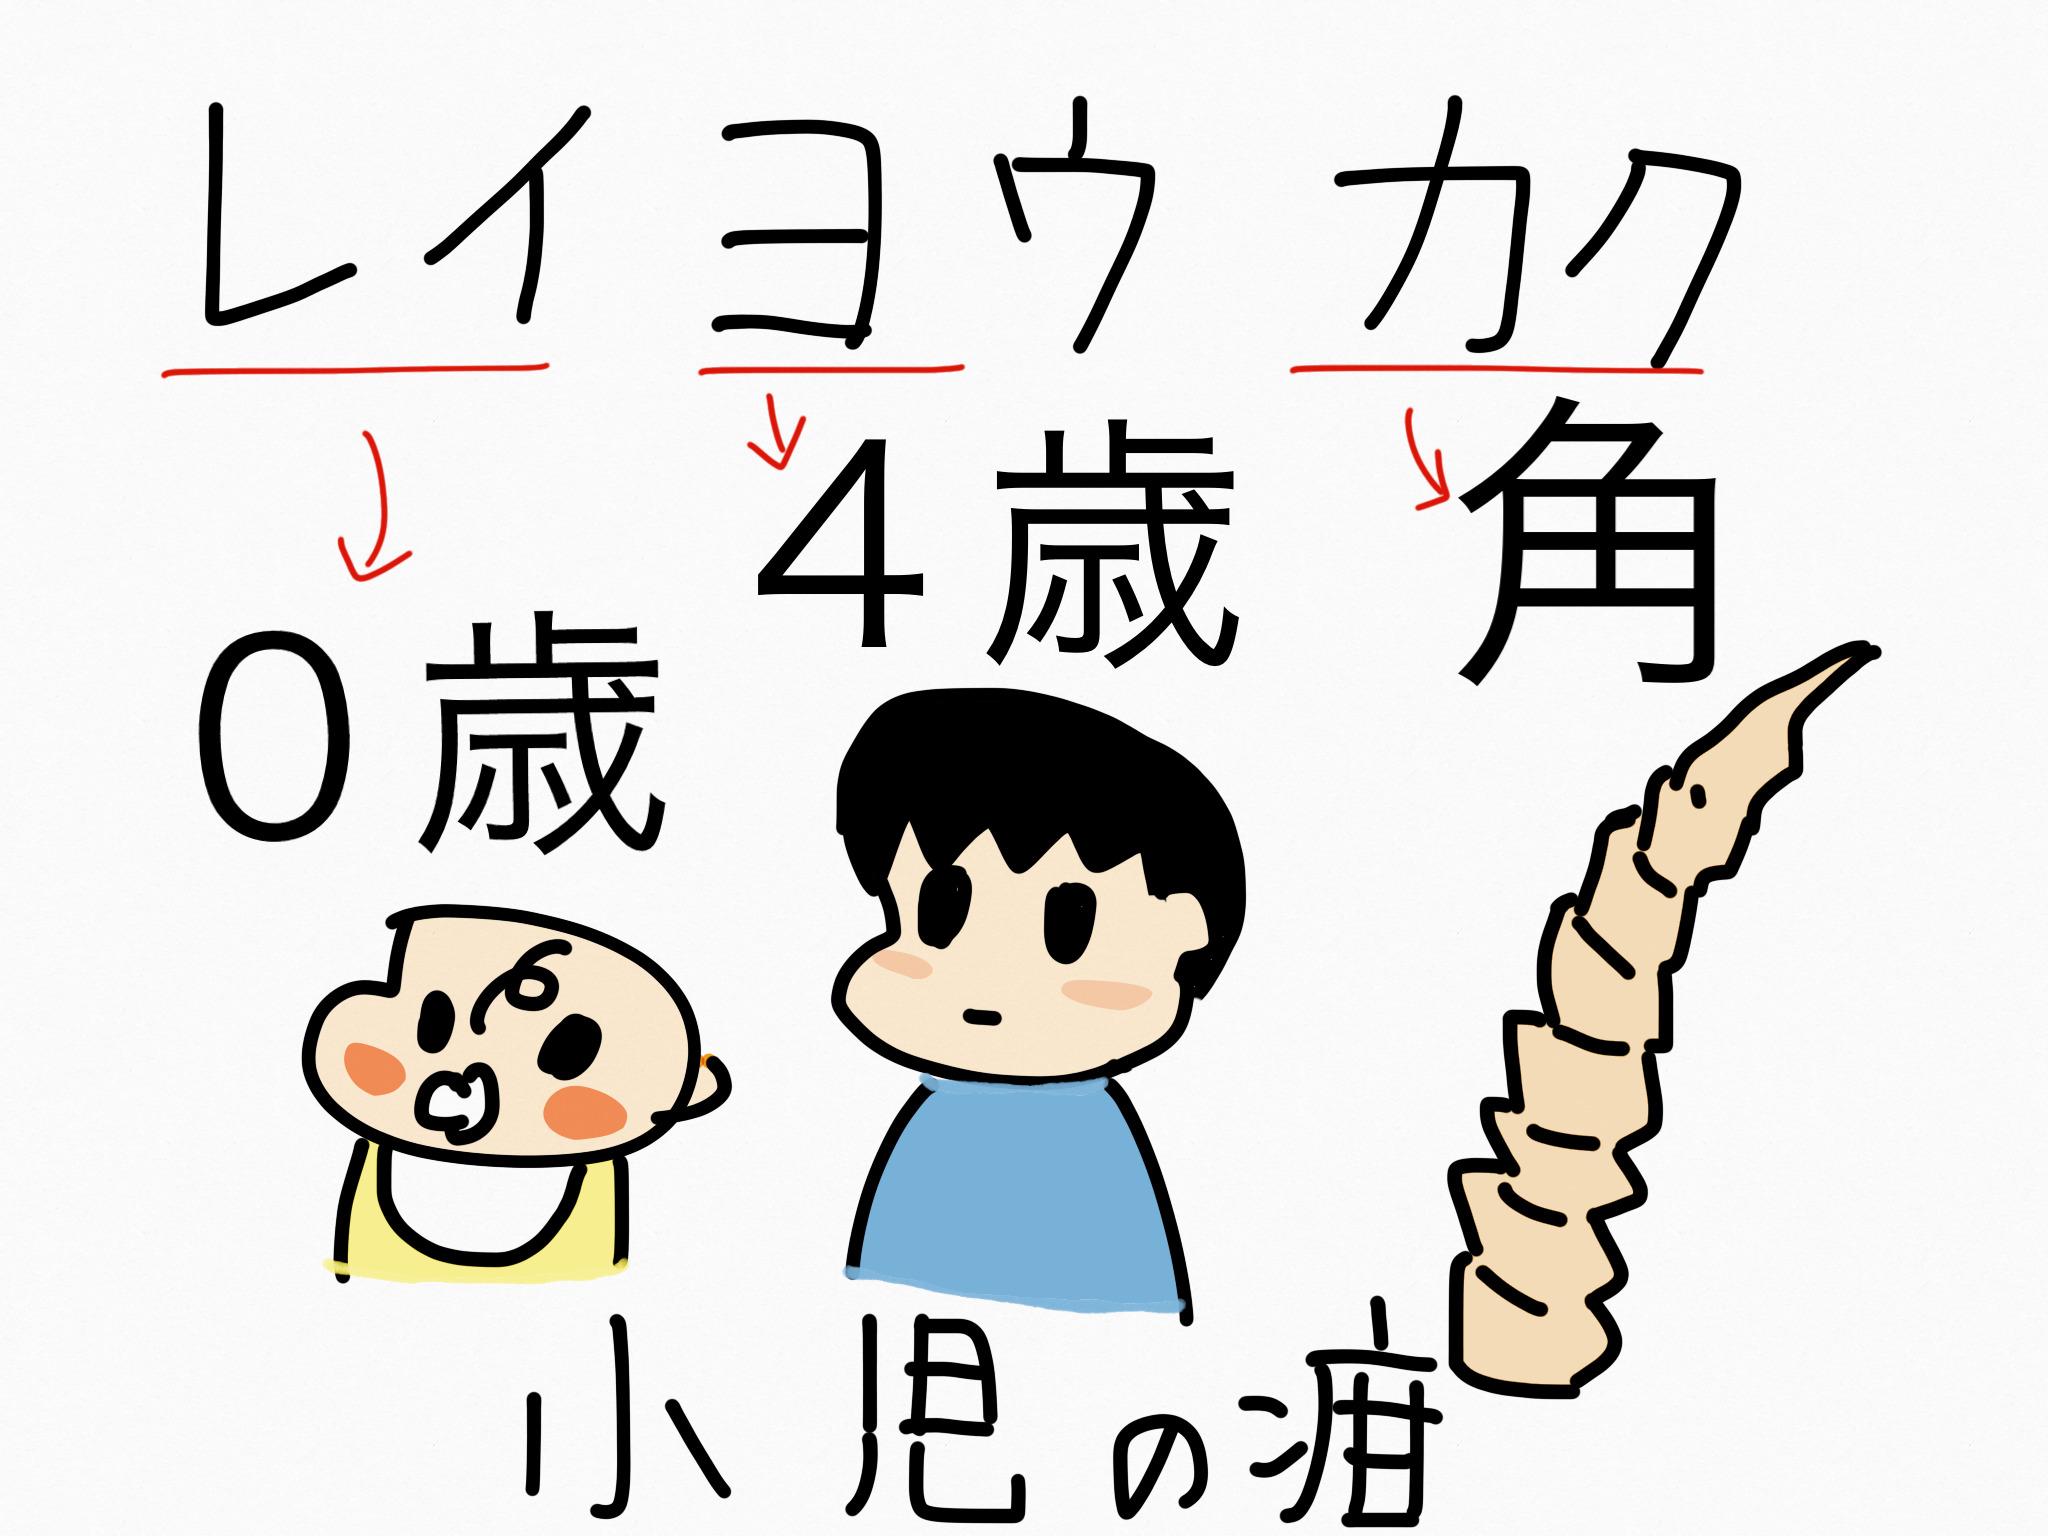 レイヨウカク[小児鎮静薬他]生薬の覚え方・暗記方法・語呂合わせ